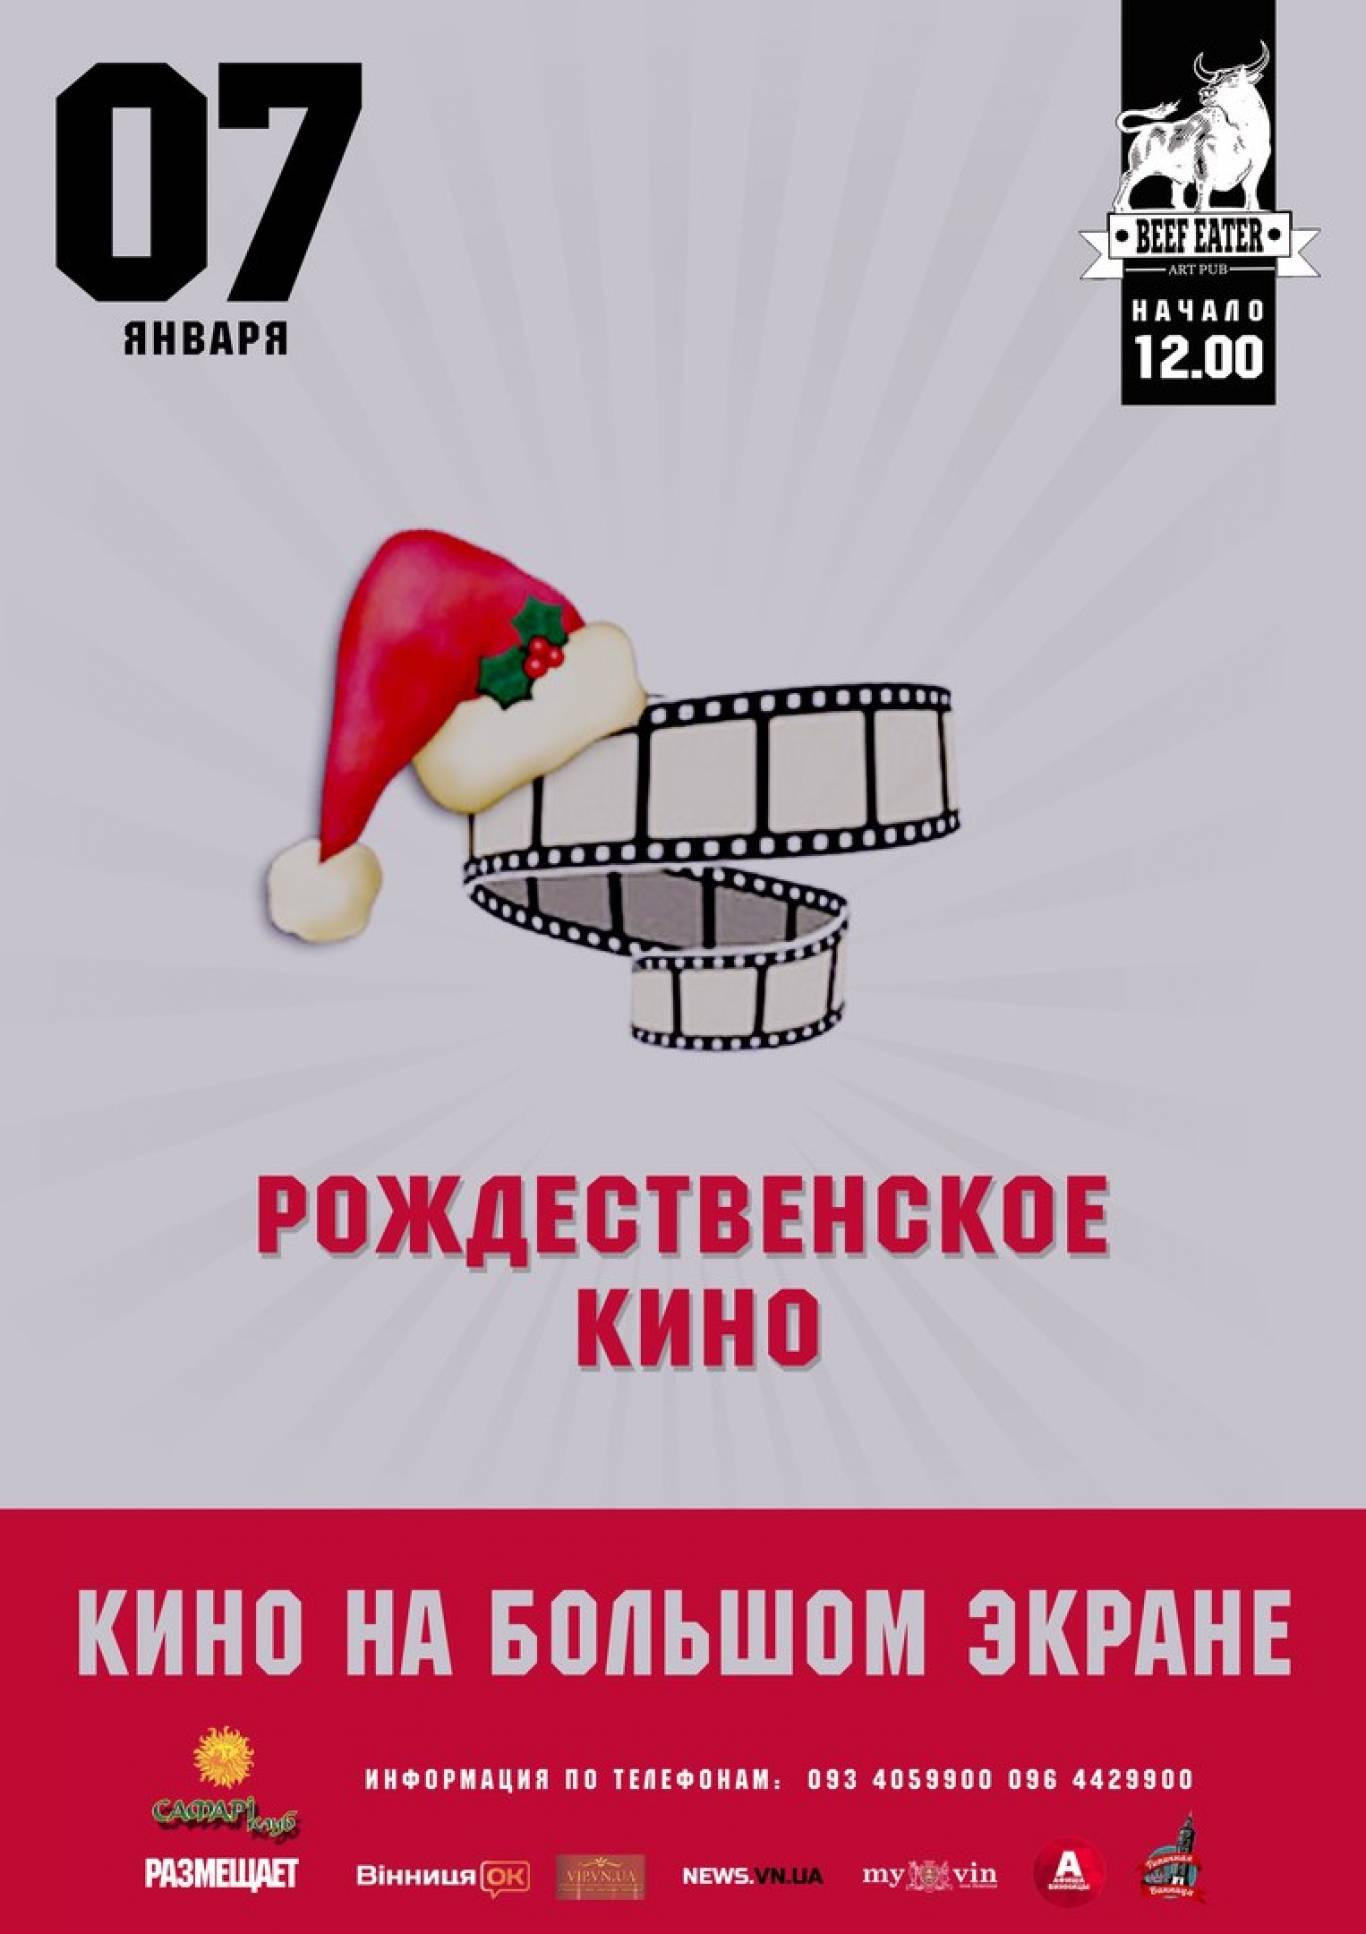 Різдвяне кіно на великому екрані у арт-пабі